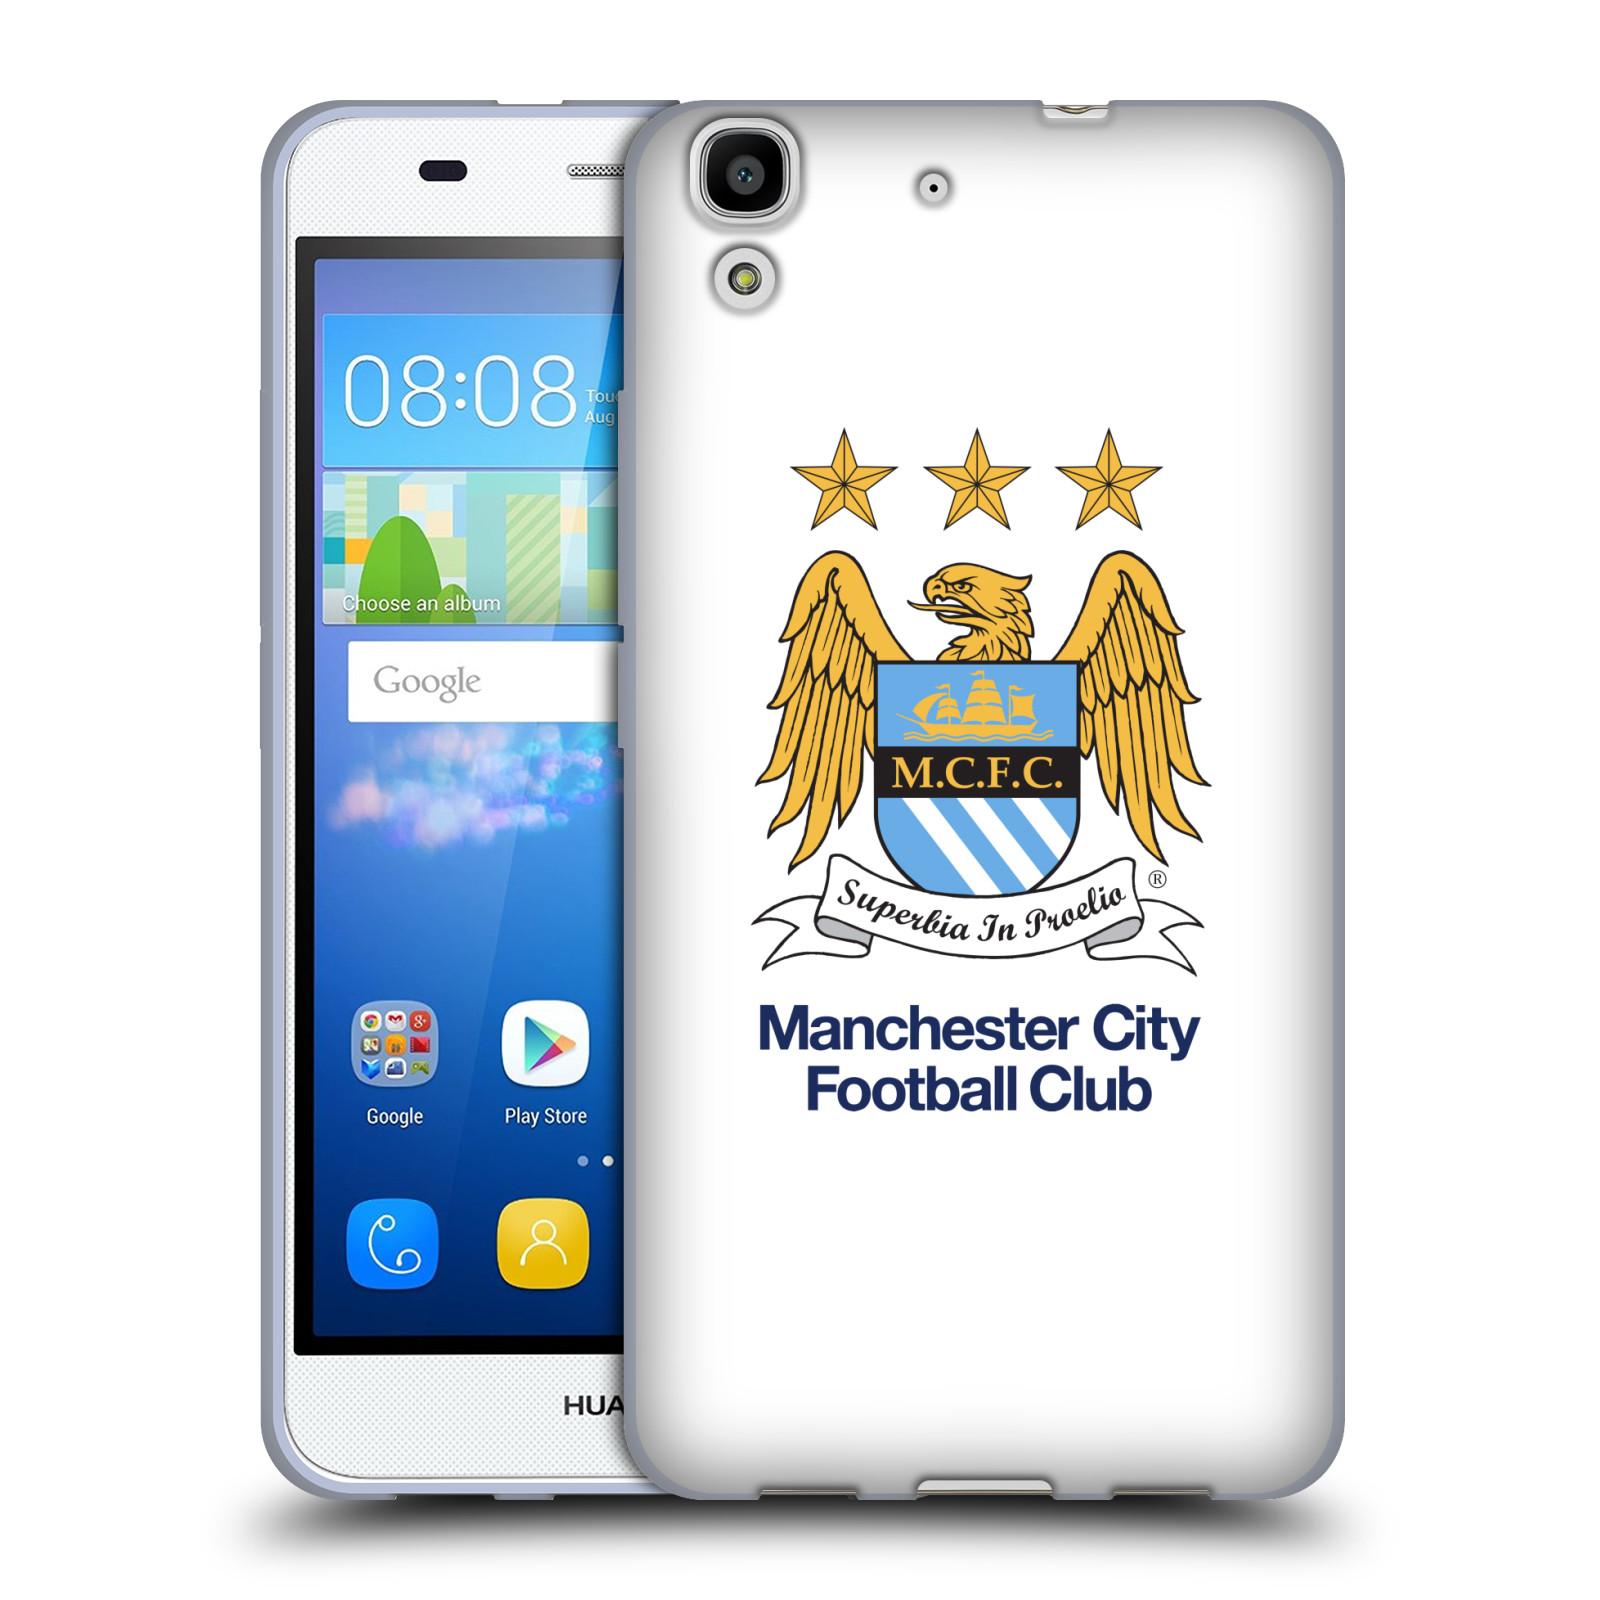 HEAD CASE silikonový obal na mobil Huawei Y6 Fotbalový klub Manchester City bílé pozadí velký znak pták